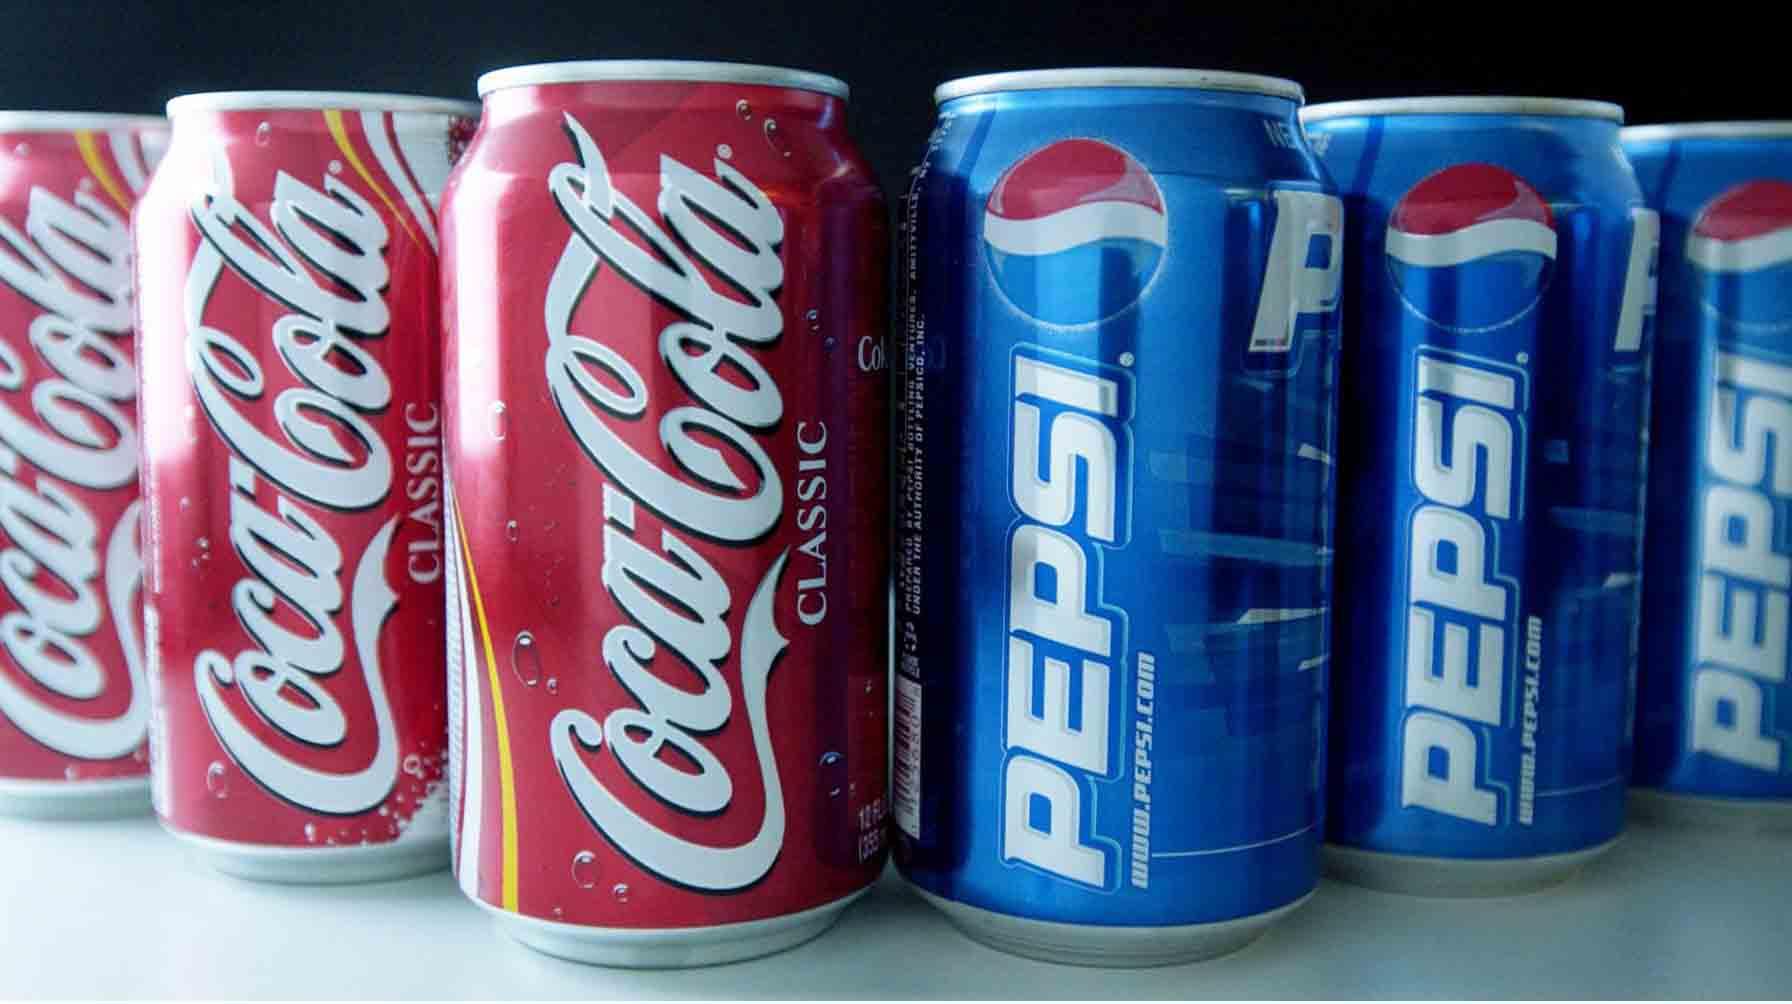 Tamil Nadu boycotts Pepsi and Coke over jalikattu protest